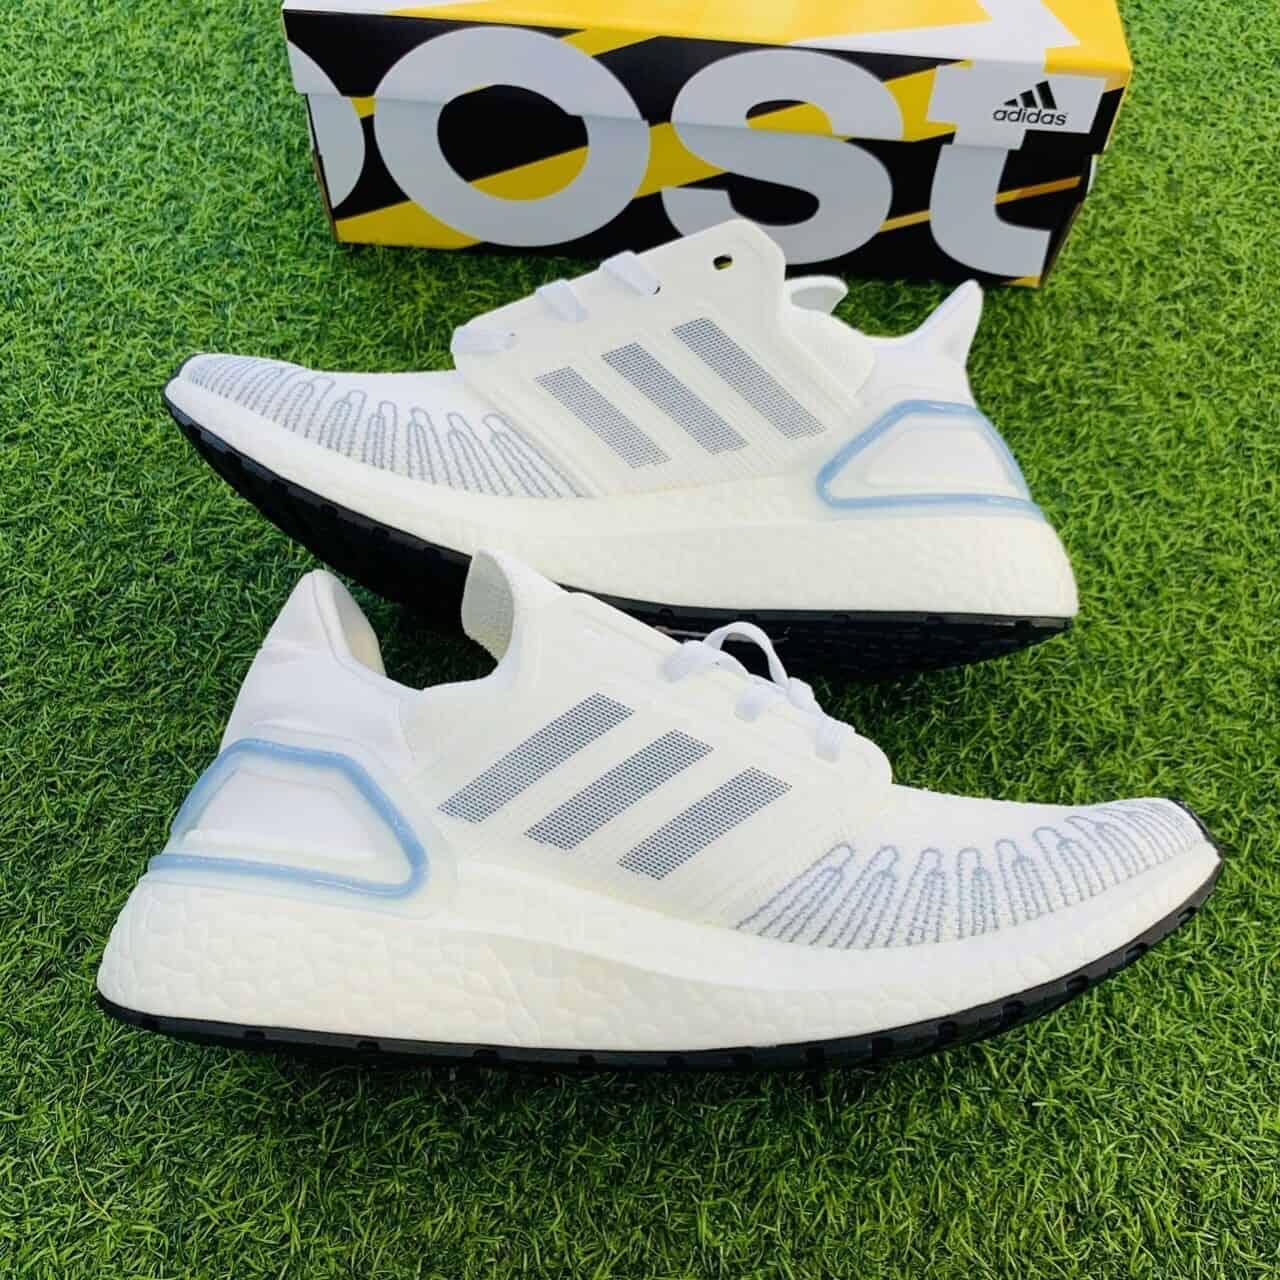 Thiết kế khá mới lạ của mẫu giày Adidas Ultra Boost 6.0